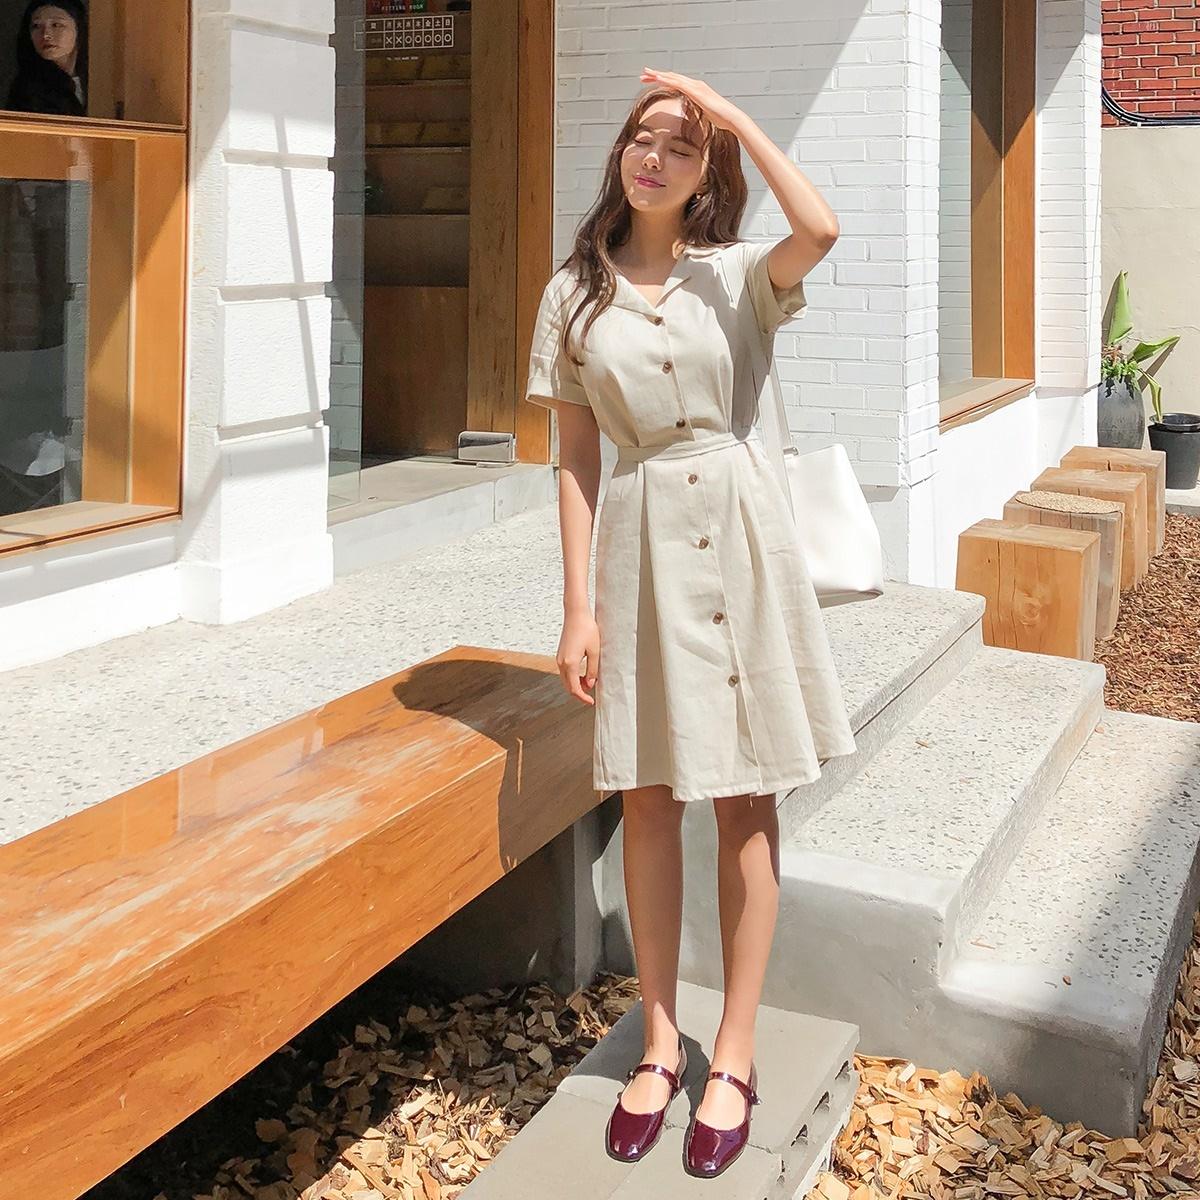 韓國正品 CHERRYKOKO Prin chu 簡單舒適亞麻腰部繫帶襯衫式短袖連衣裙洋装